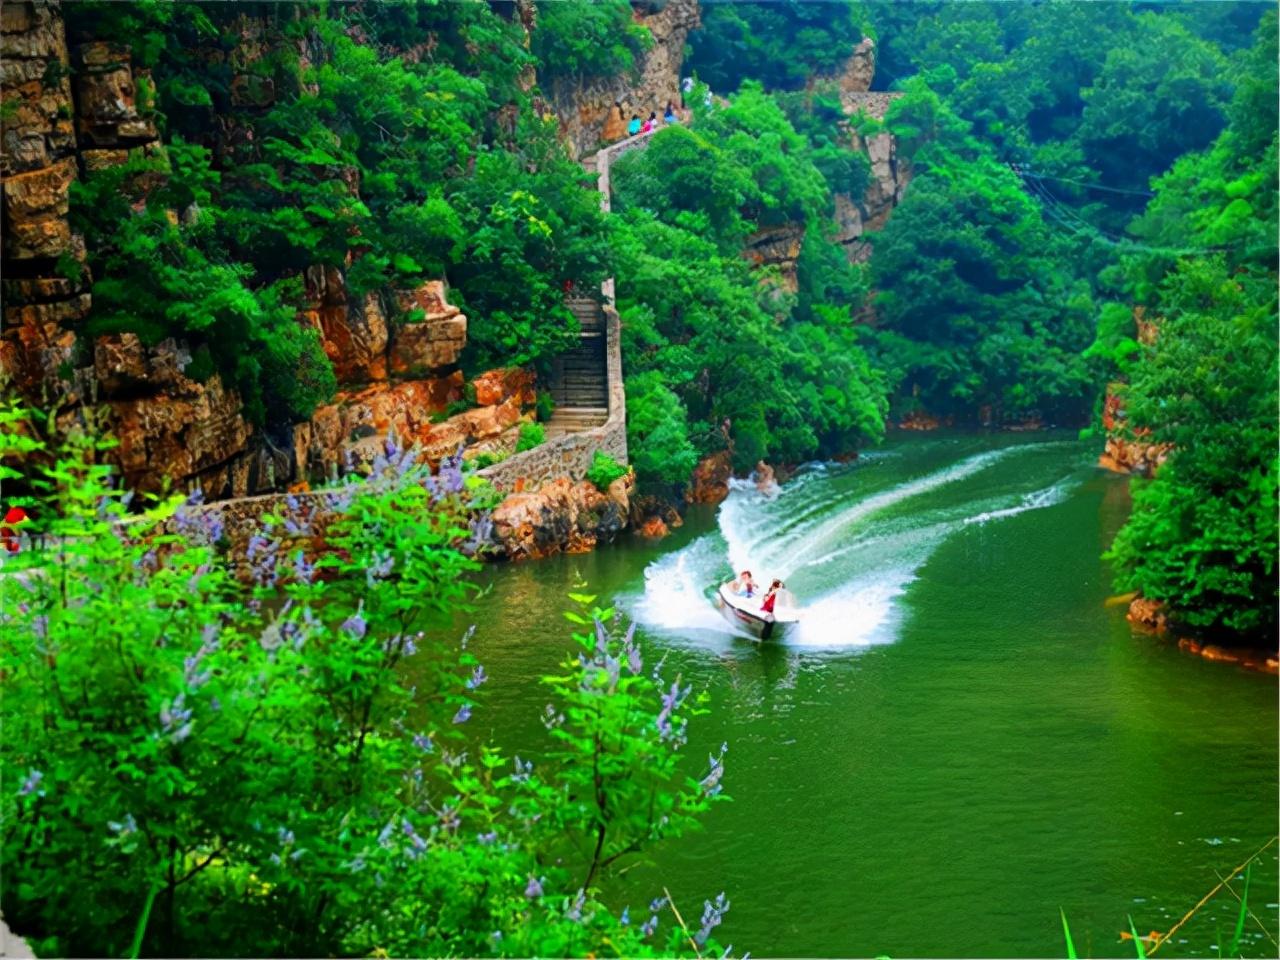 北京一景区蹿红,被誉为三角地区上光彩夺目的明珠,距市区85公里